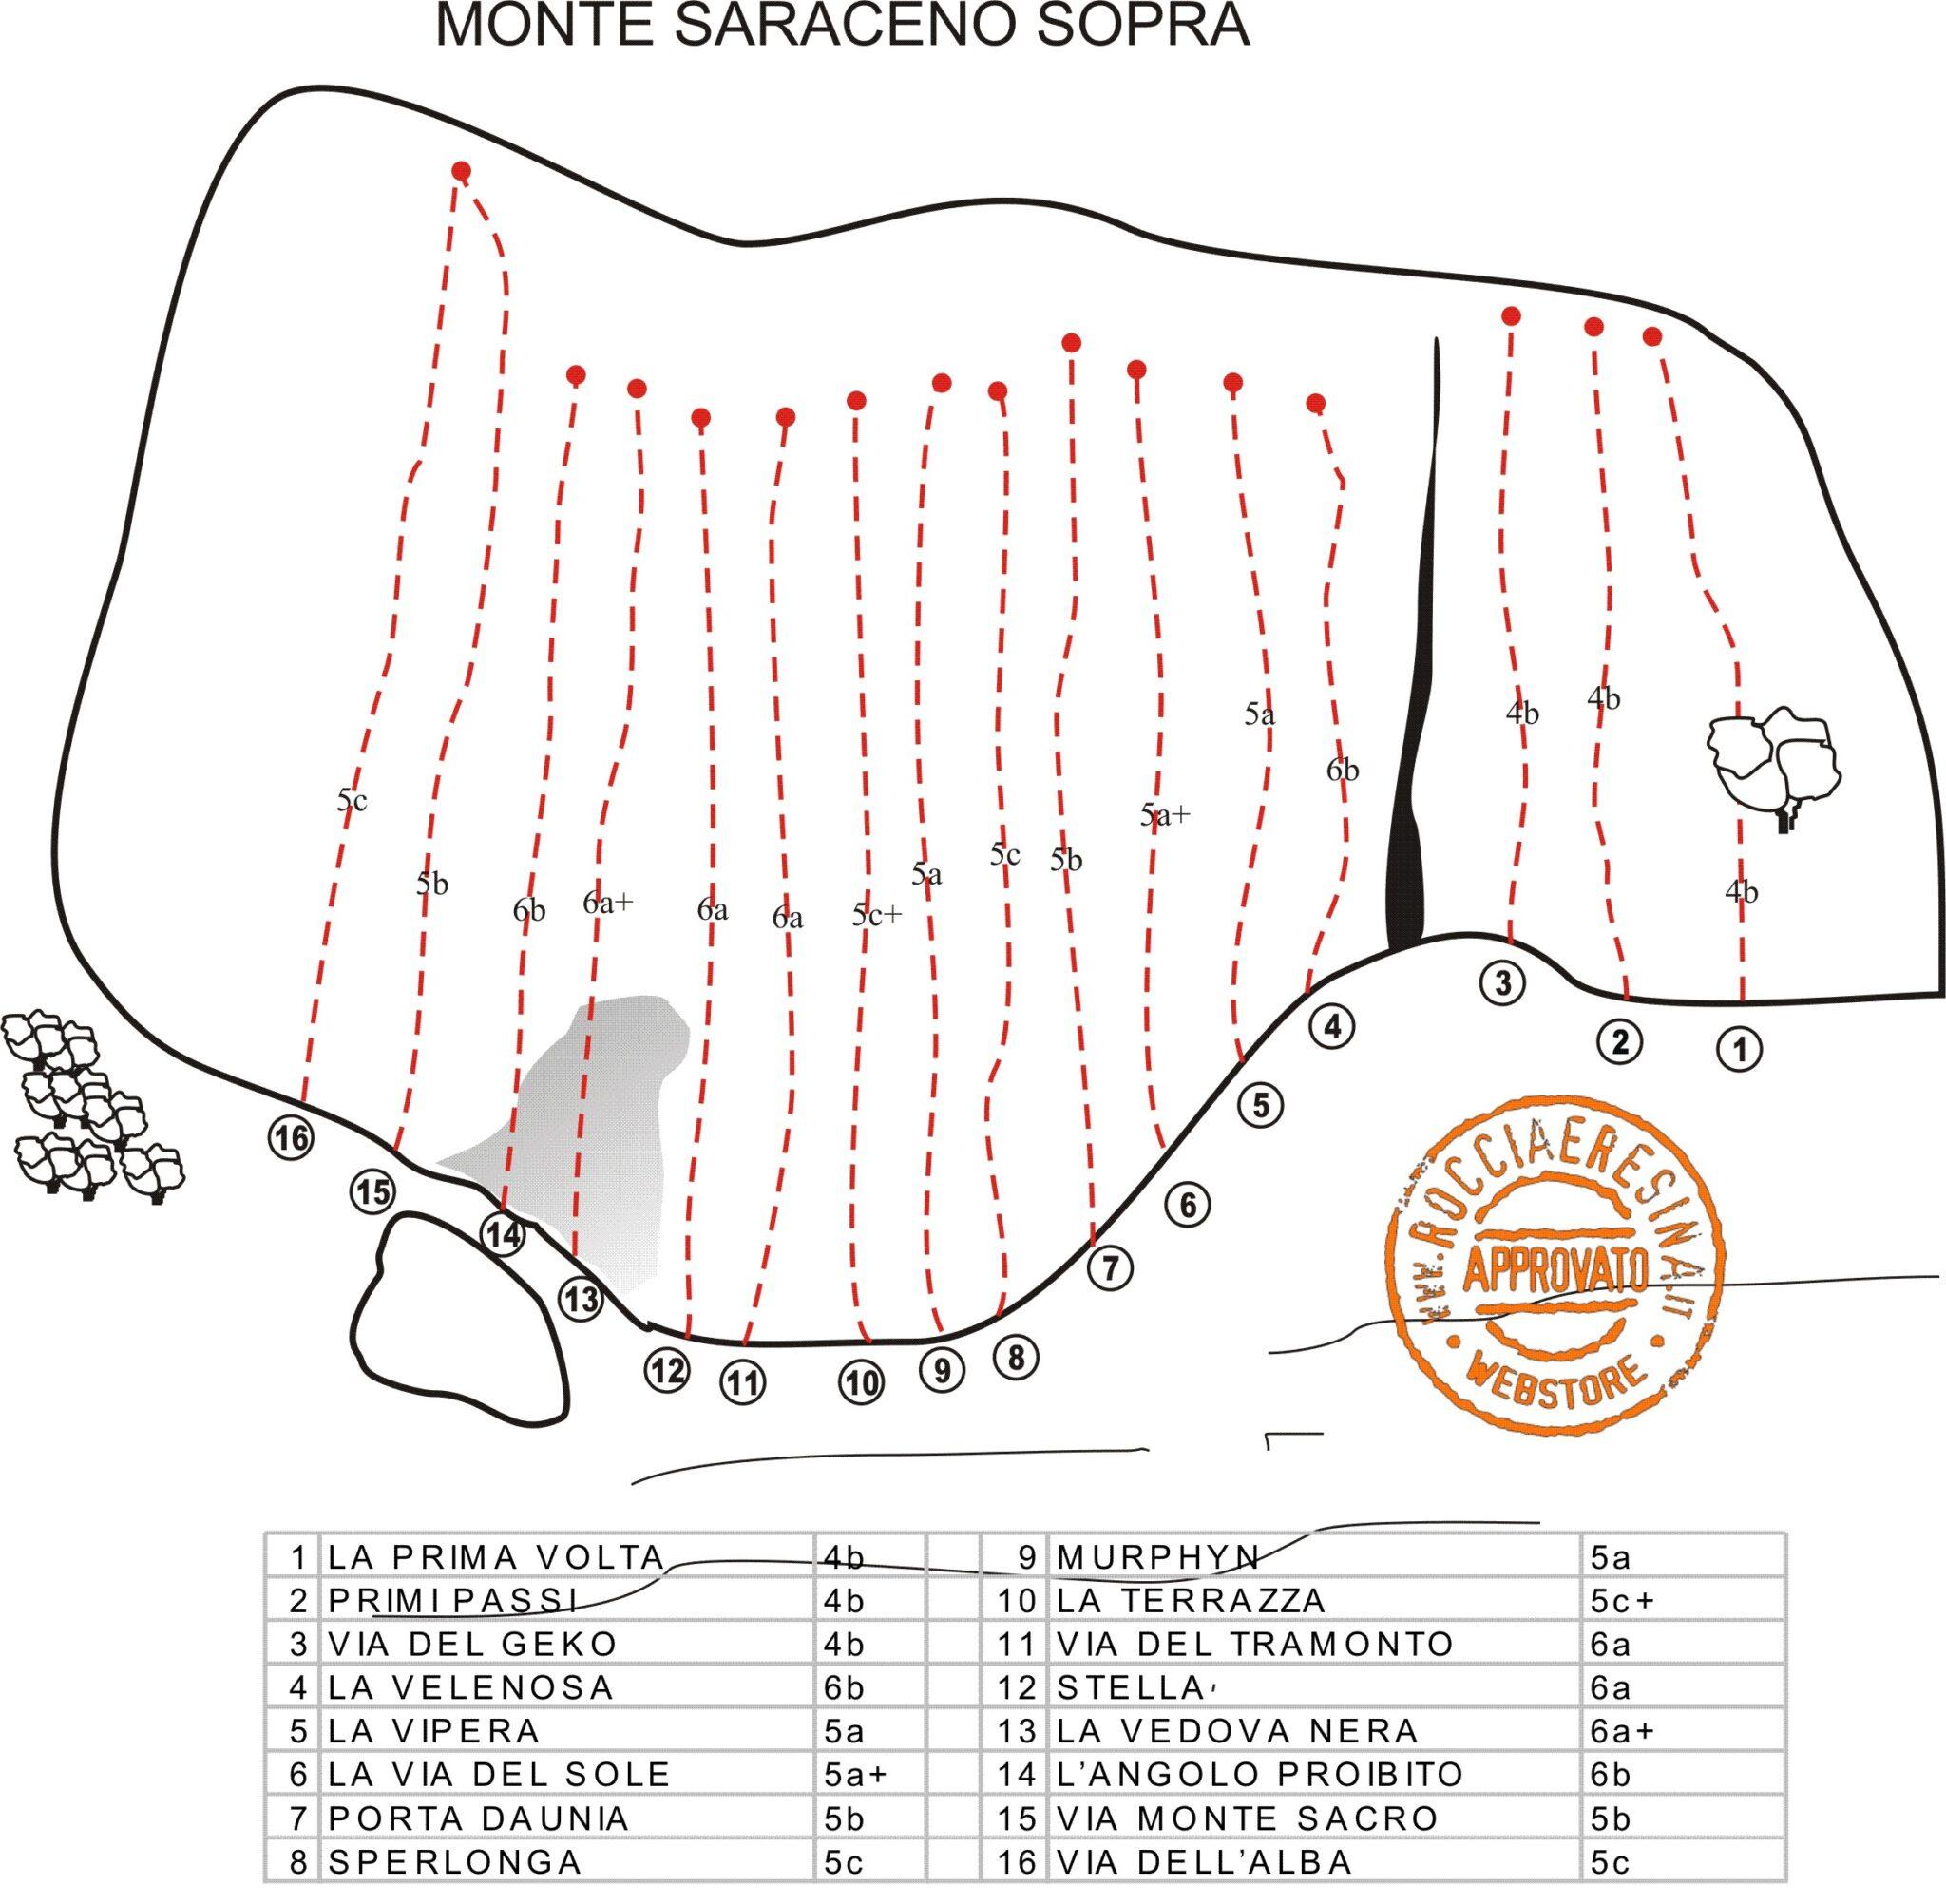 """La falesia di """"Monte Saraceno (sopra)"""